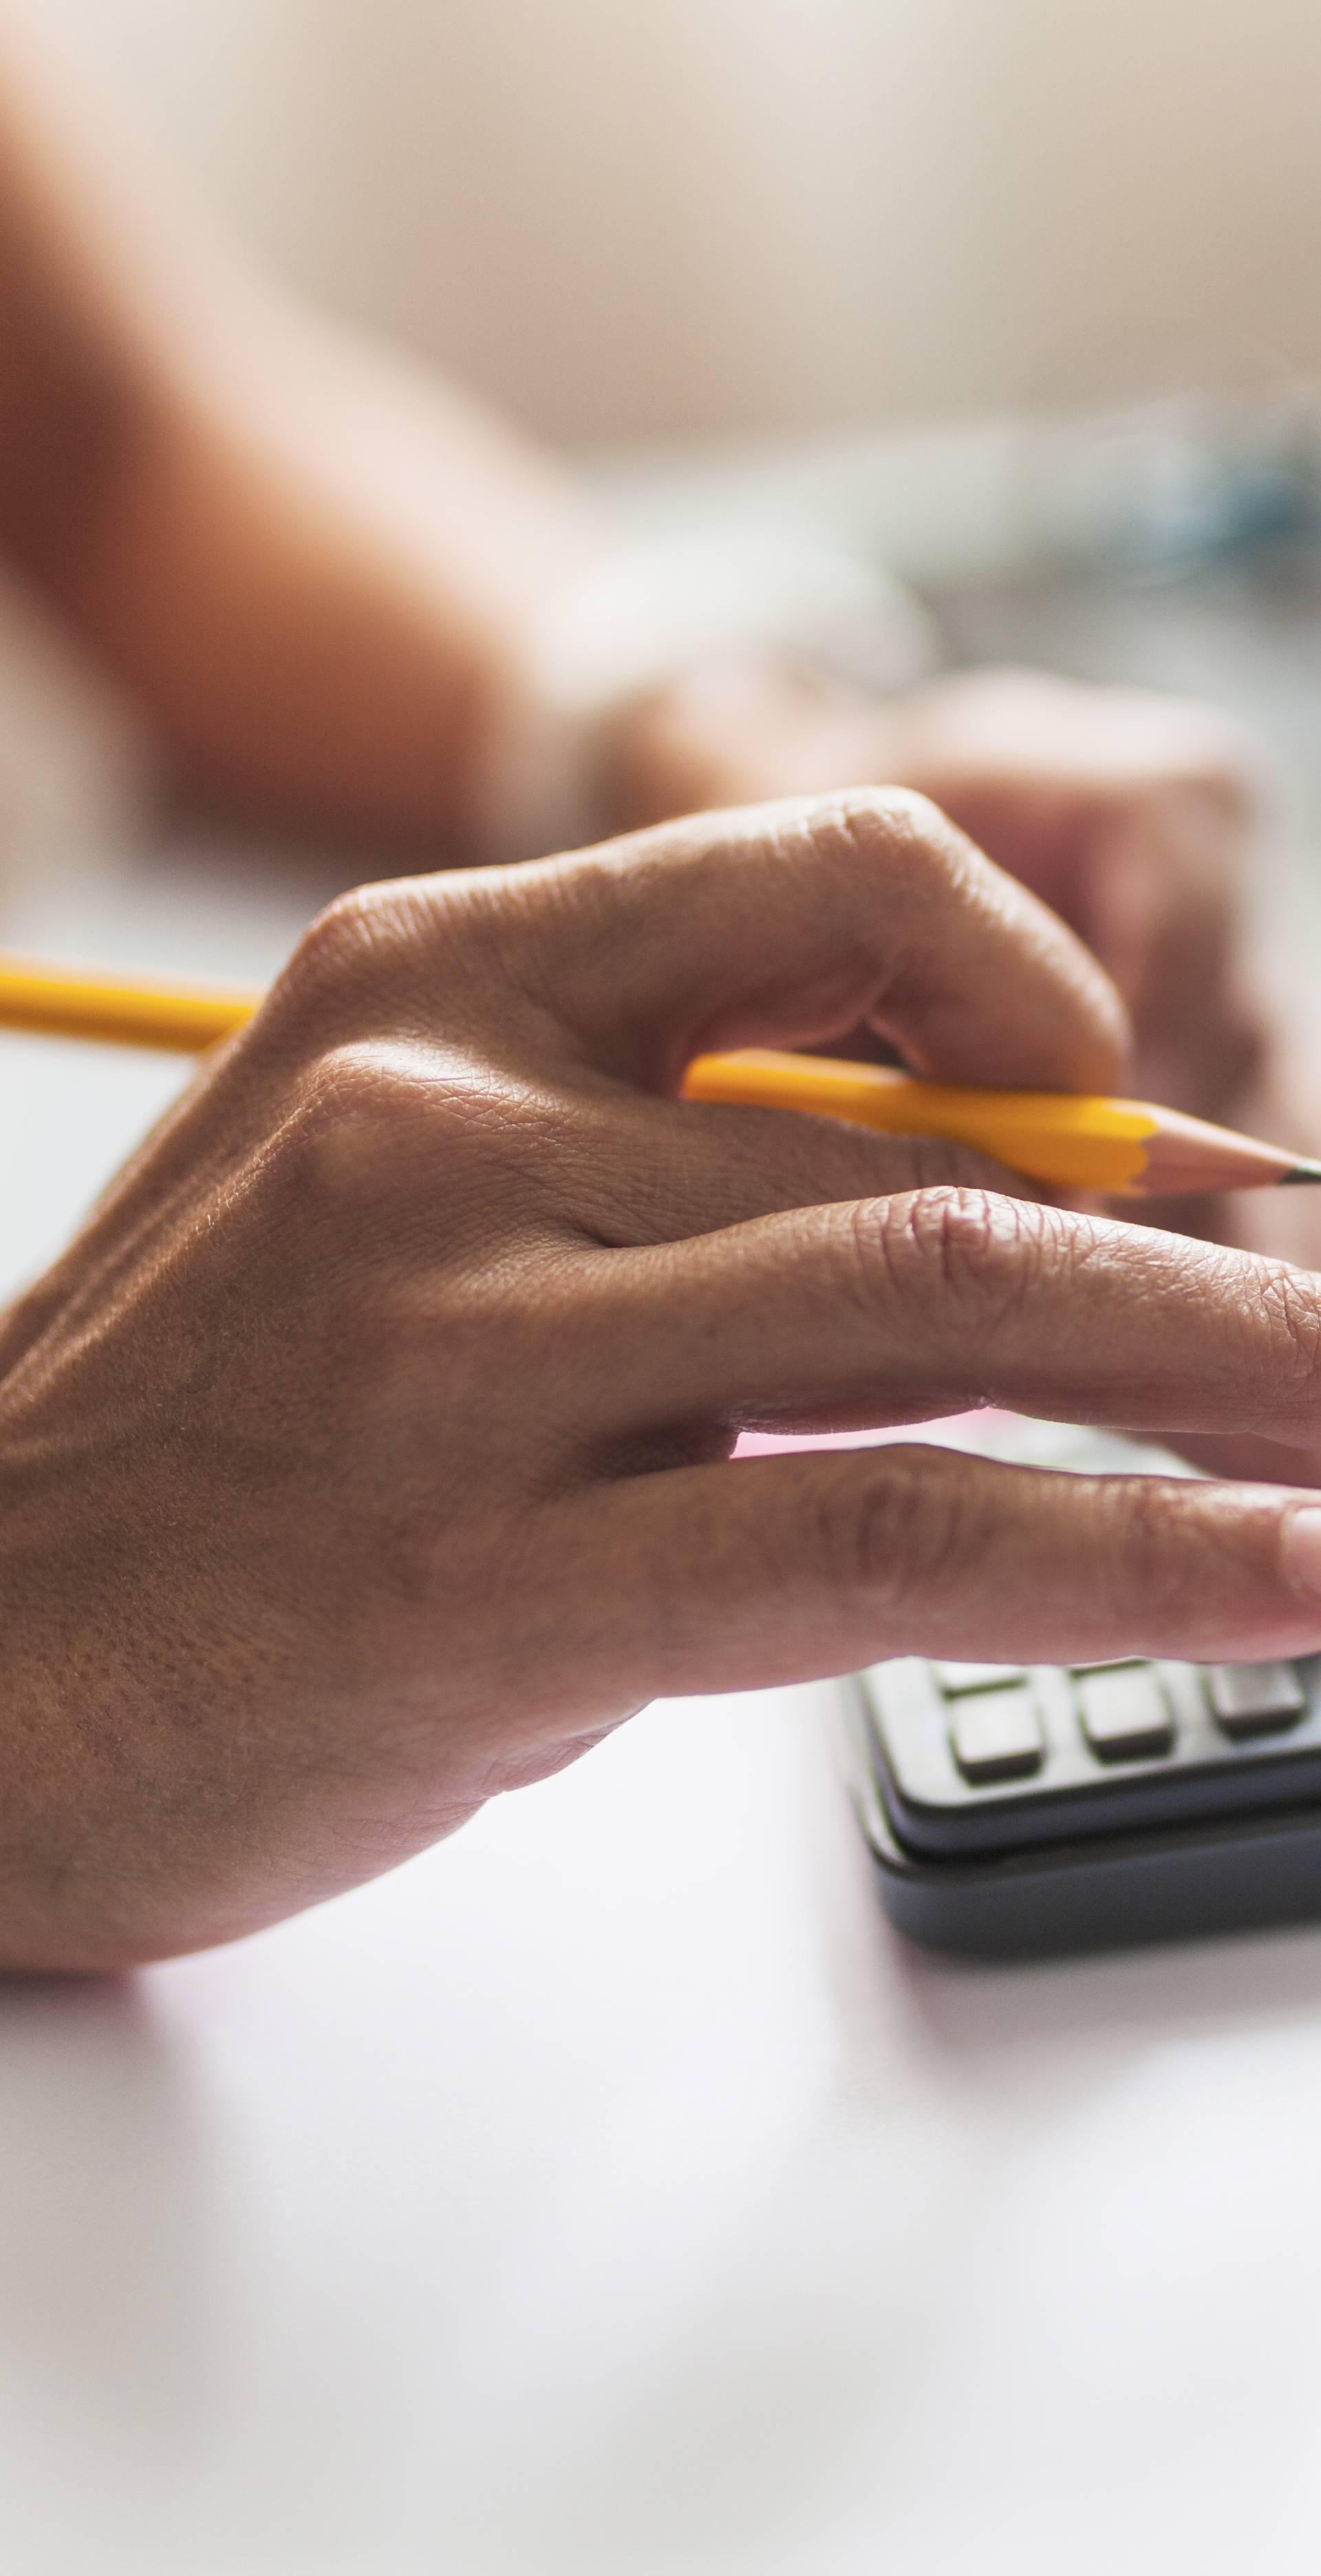 Poražavajuće: samo je 44% Hrvata financijski pismeno